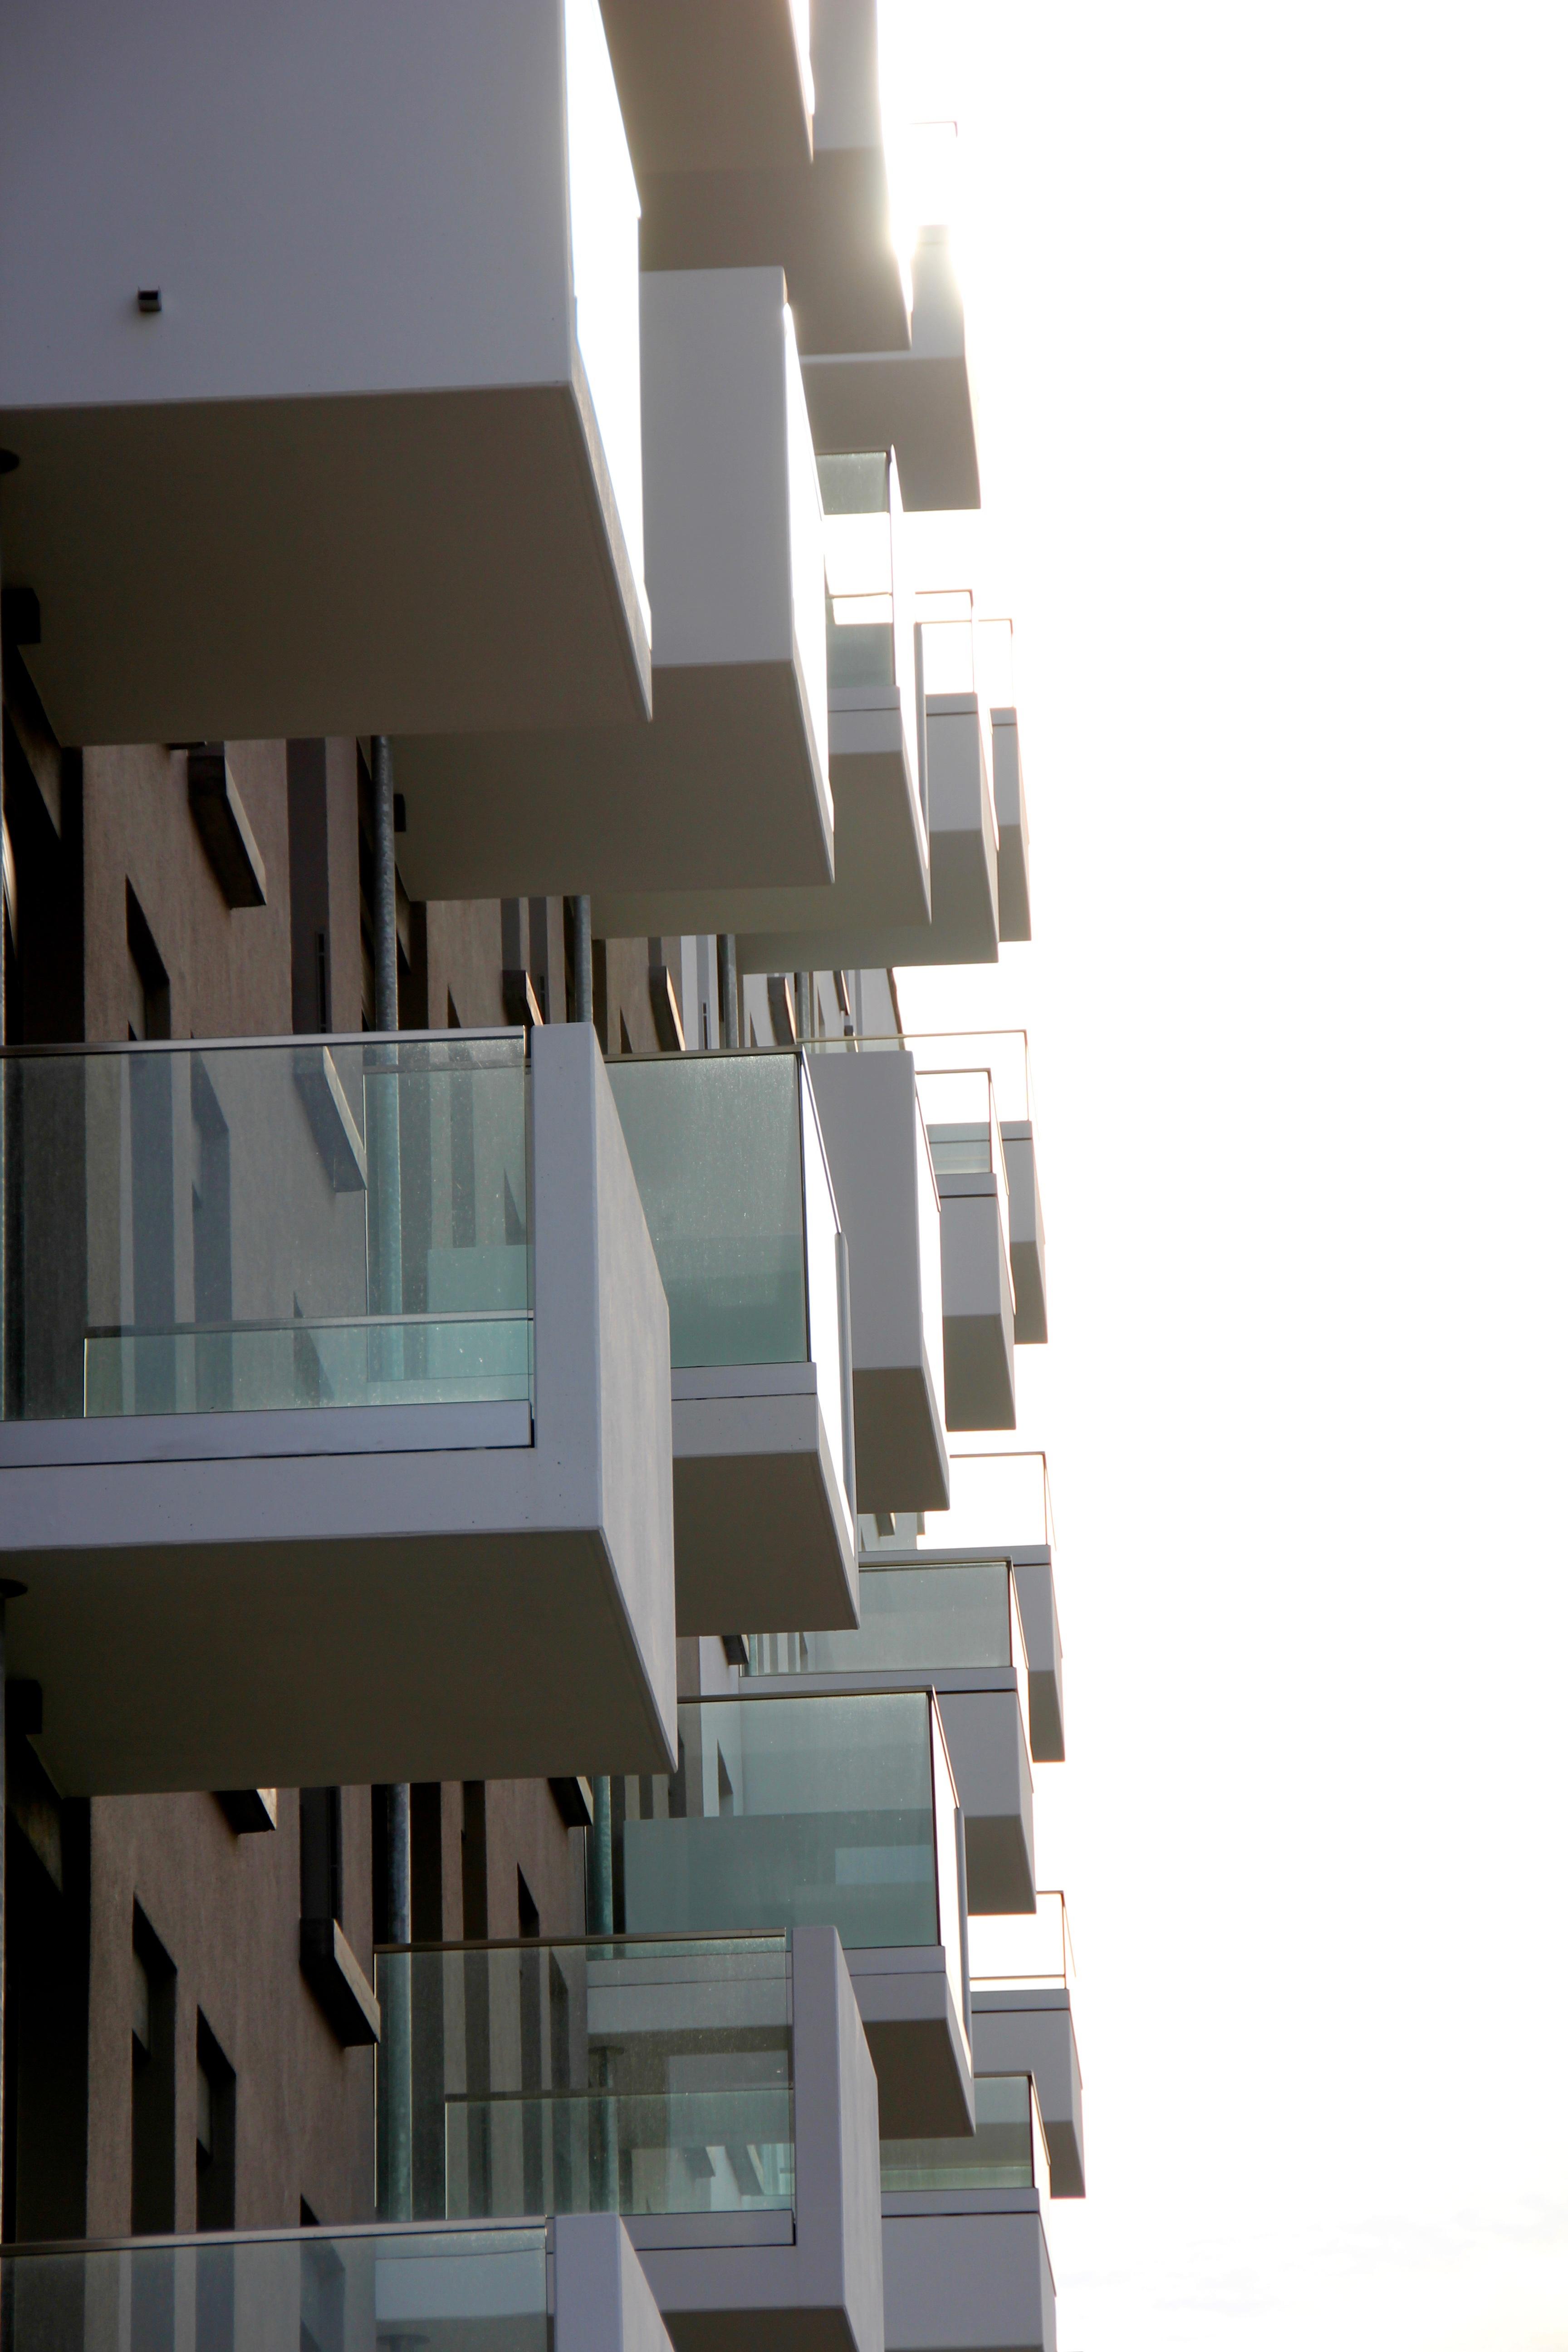 Kostenlose foto : die Architektur, Haus, Fenster, Gebäude, Zuhause ...